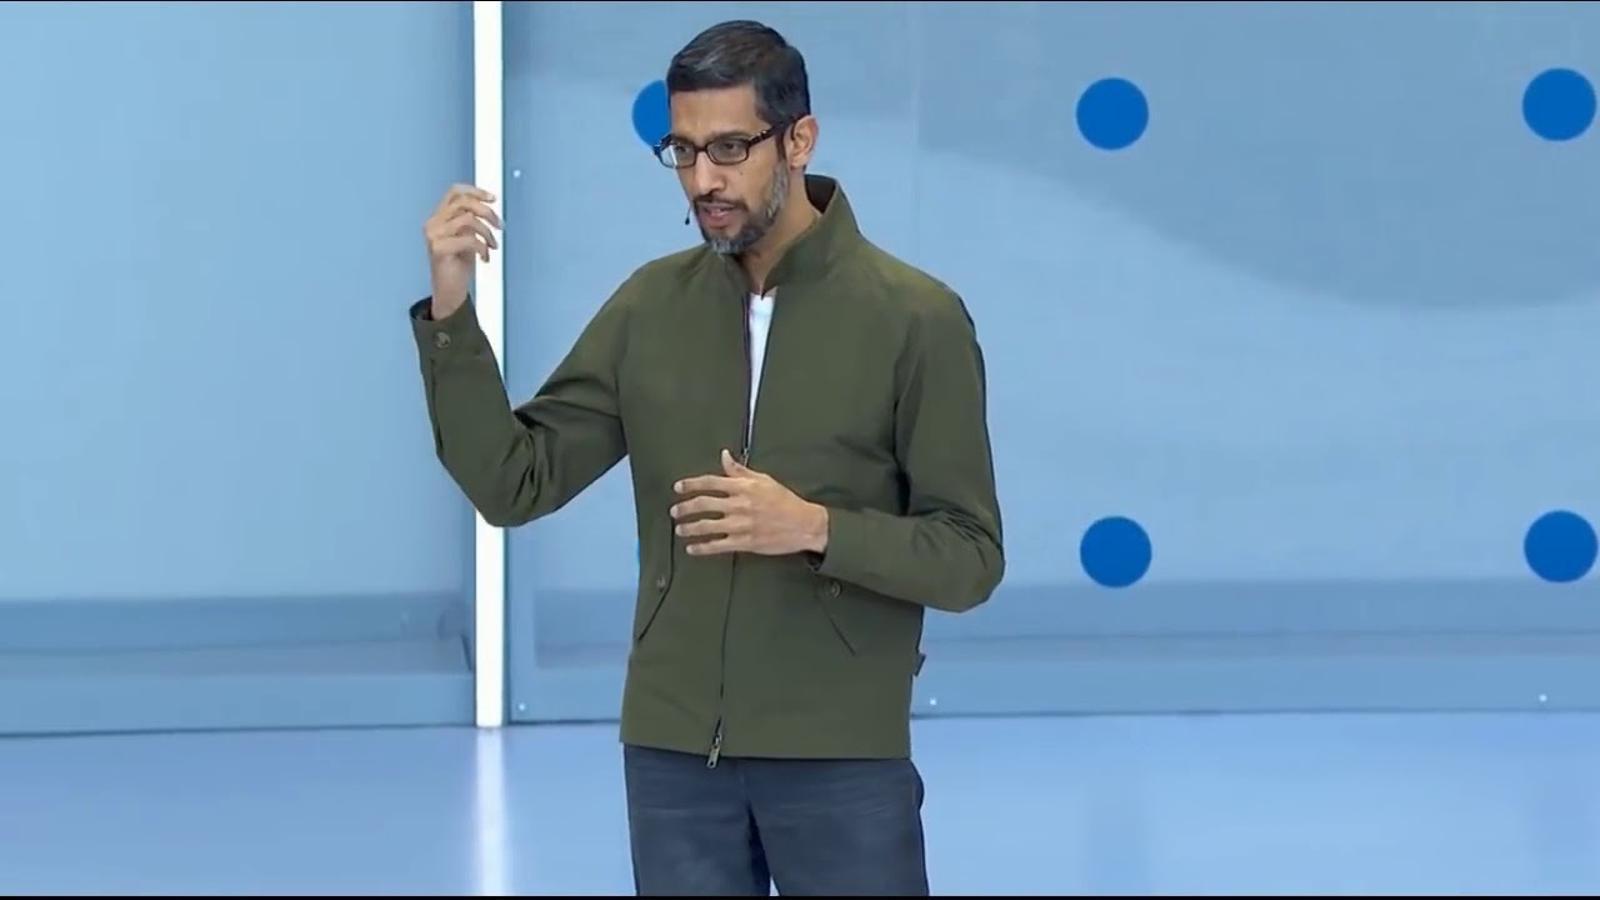 Presentació Google